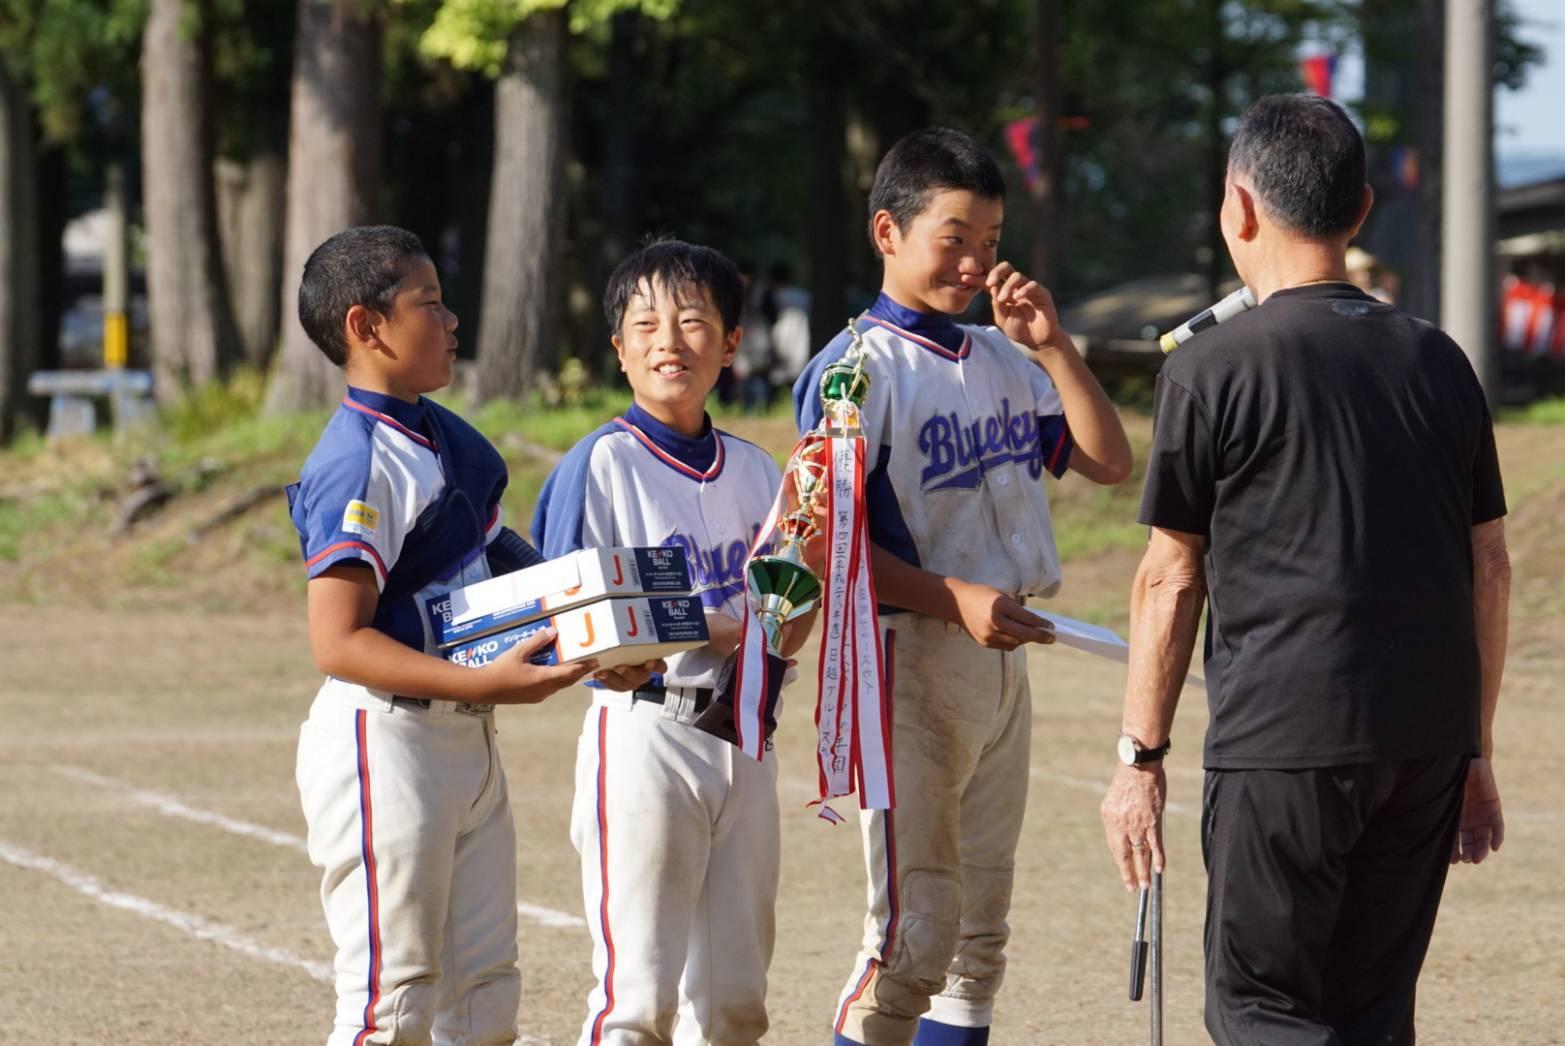 関原まつり 小学生野球大会 優勝しましたぁー!(^^)_b0095176_17281149.jpeg